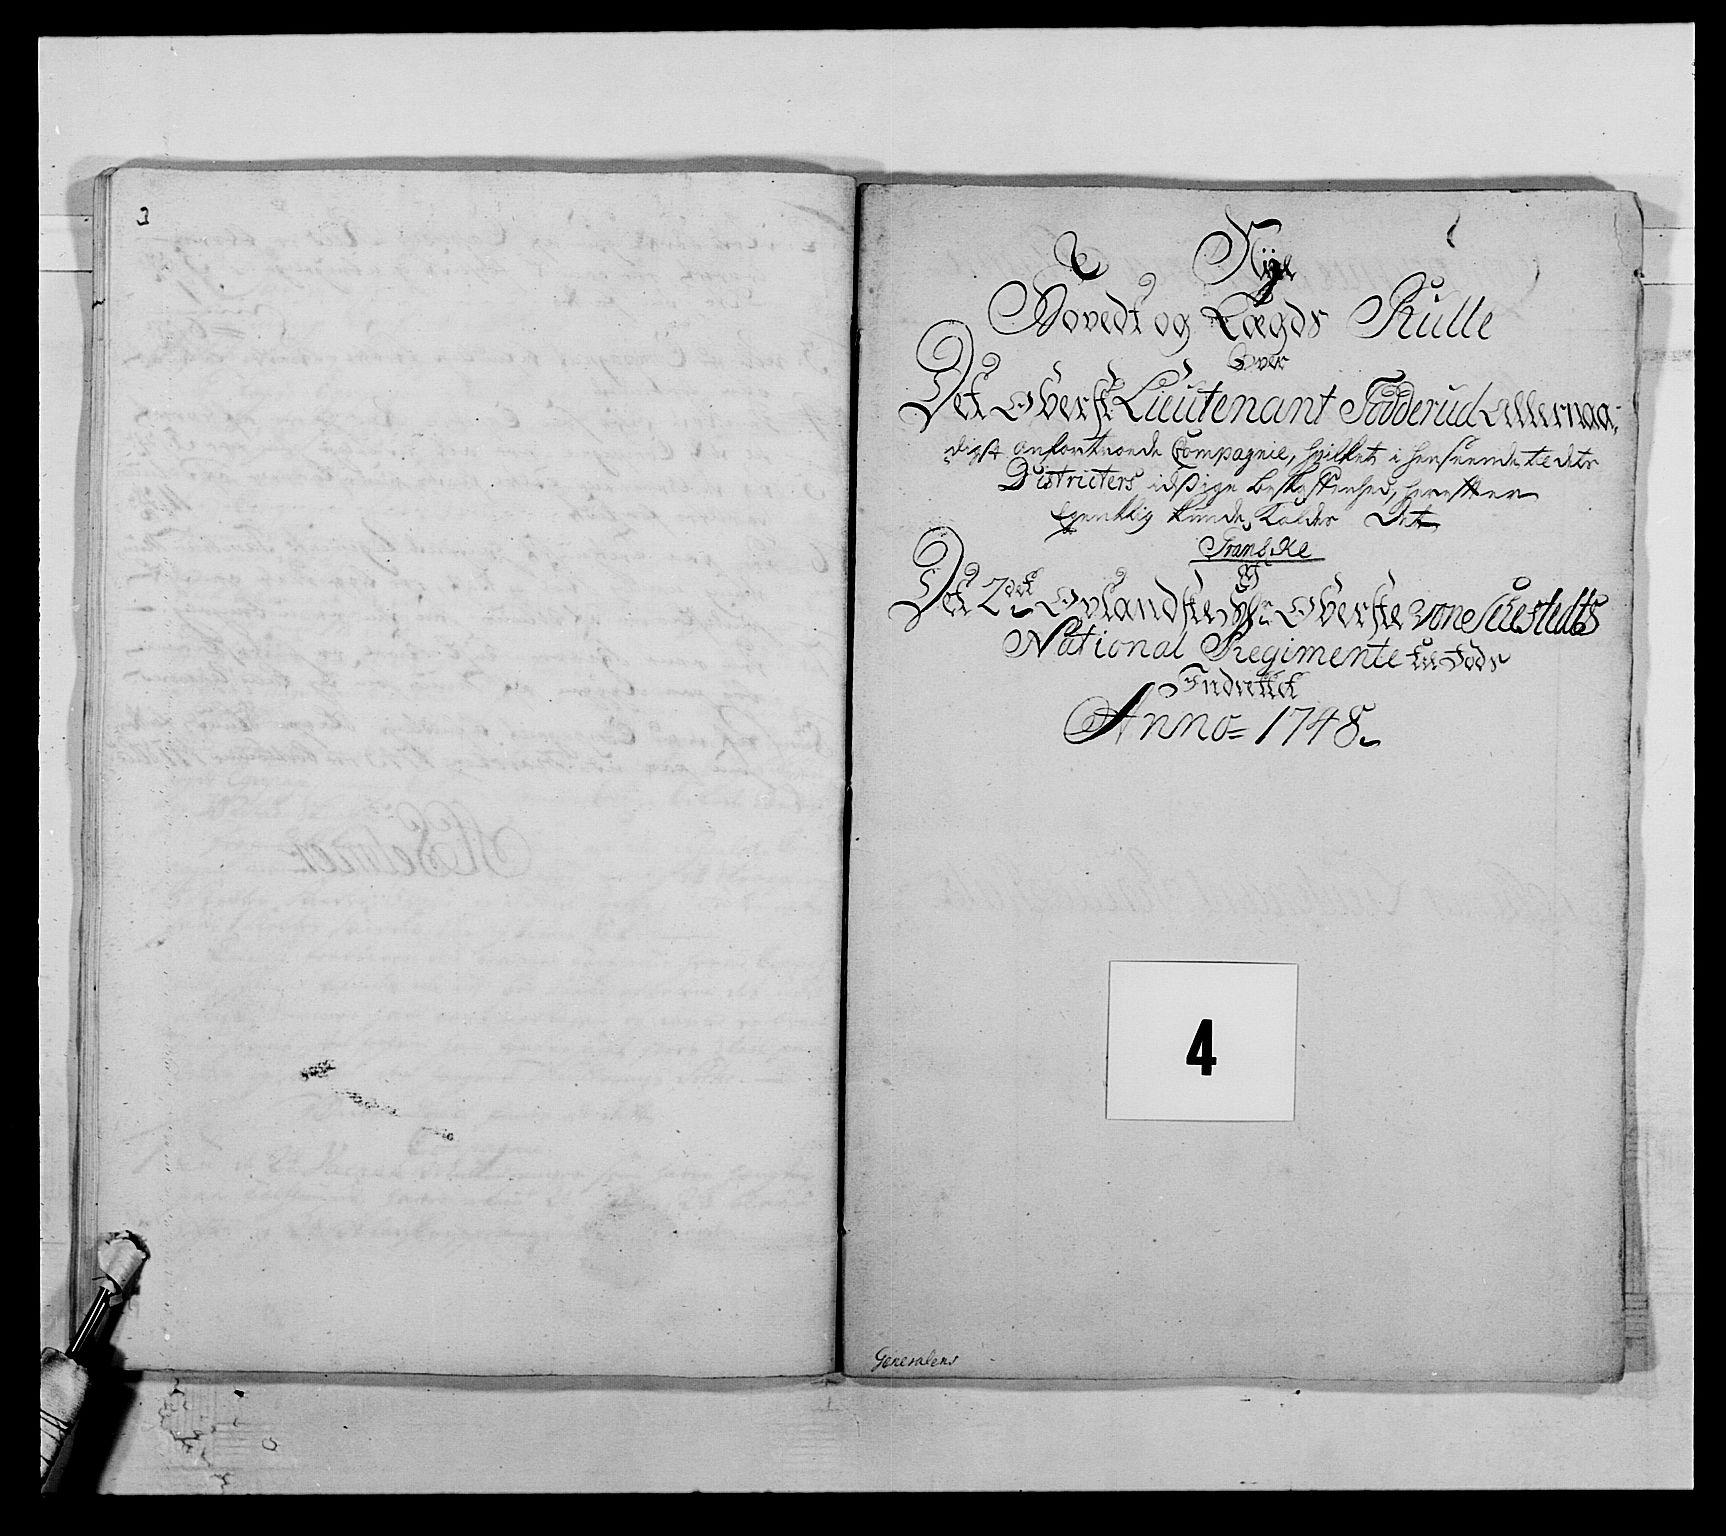 RA, Kommanderende general (KG I) med Det norske krigsdirektorium, E/Ea/L0505: 2. Opplandske regiment, 1748, s. 96